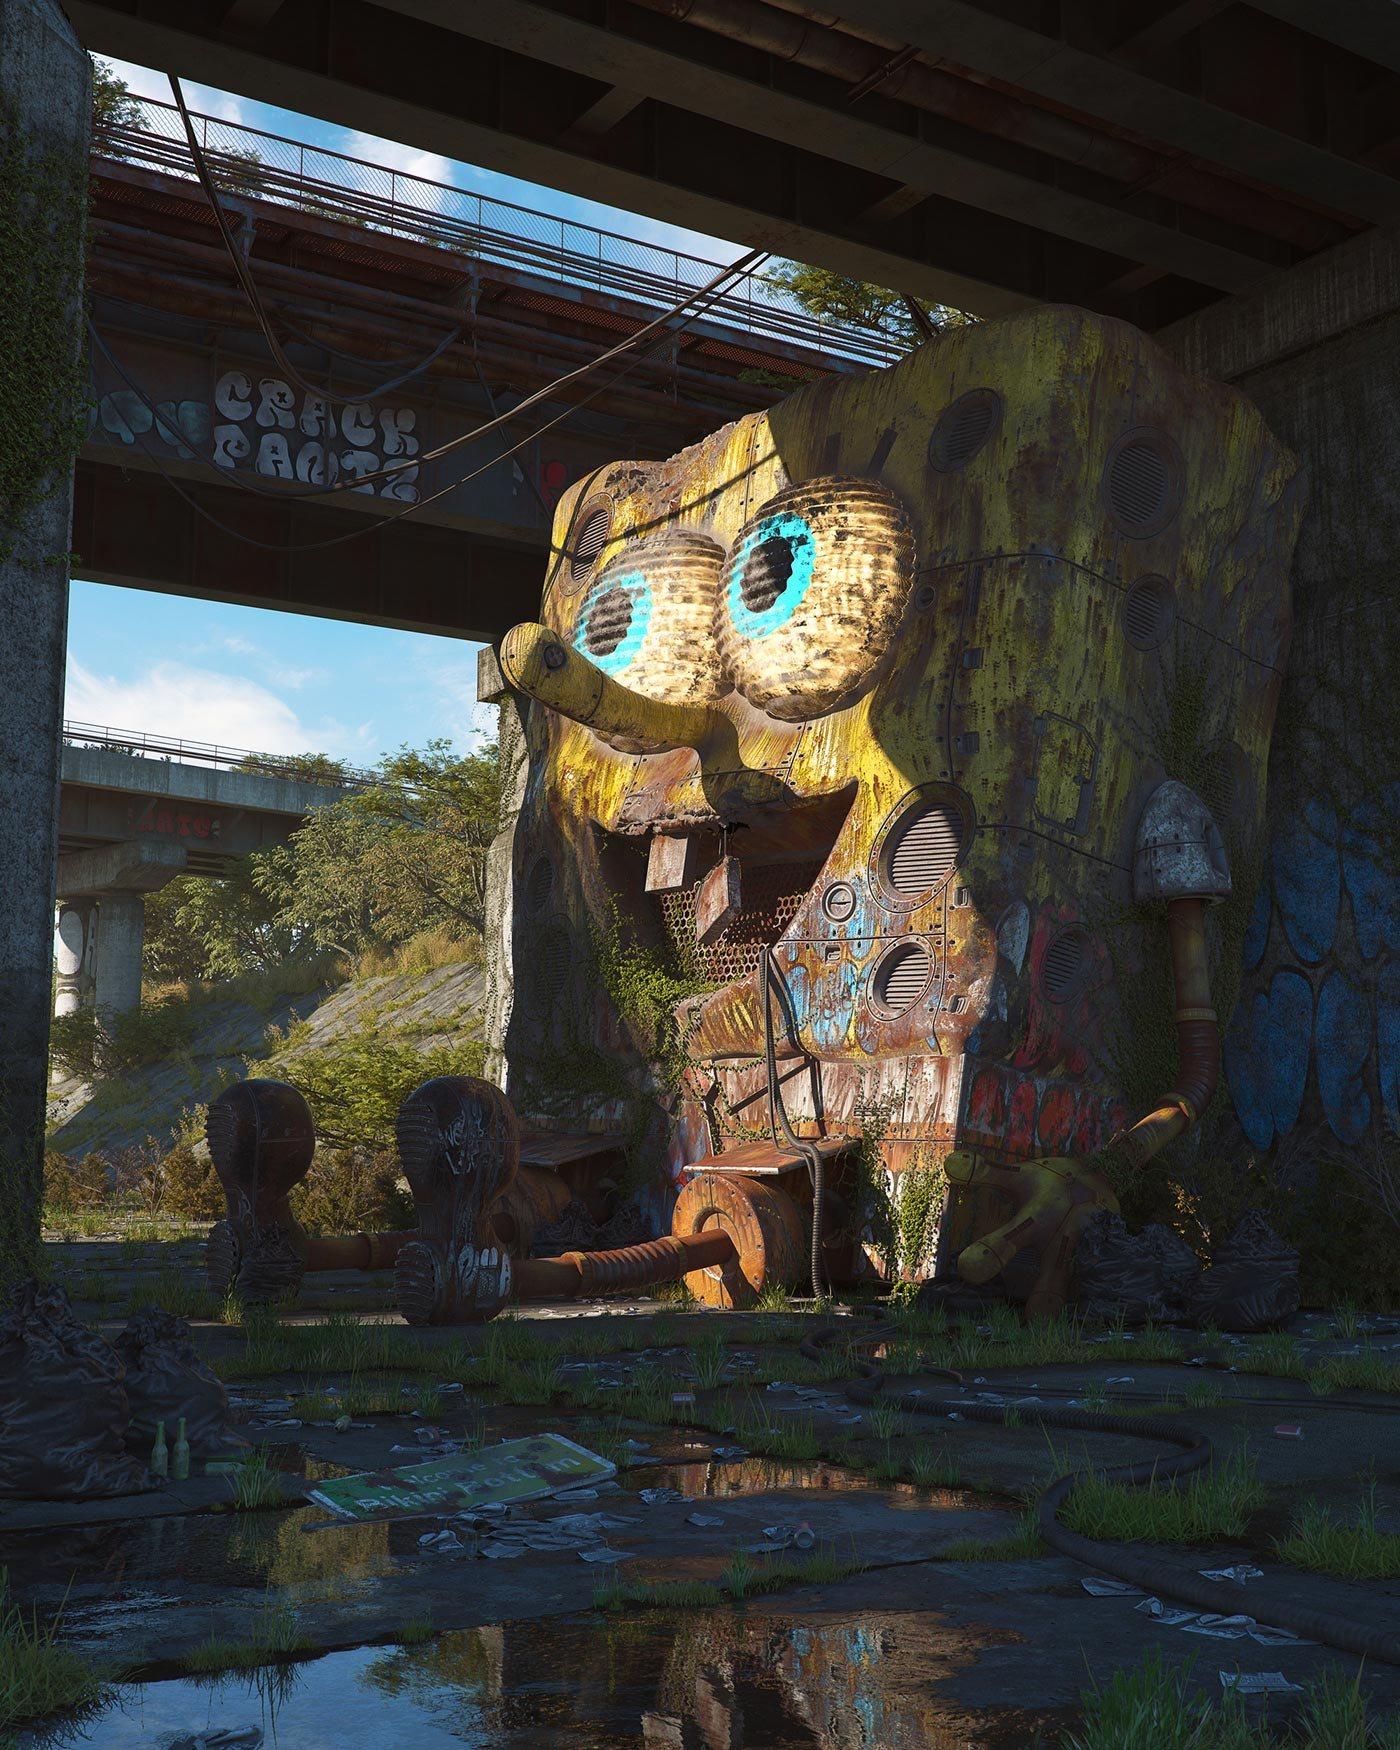 pop-culture-dystopia-by-filip-hodas-3